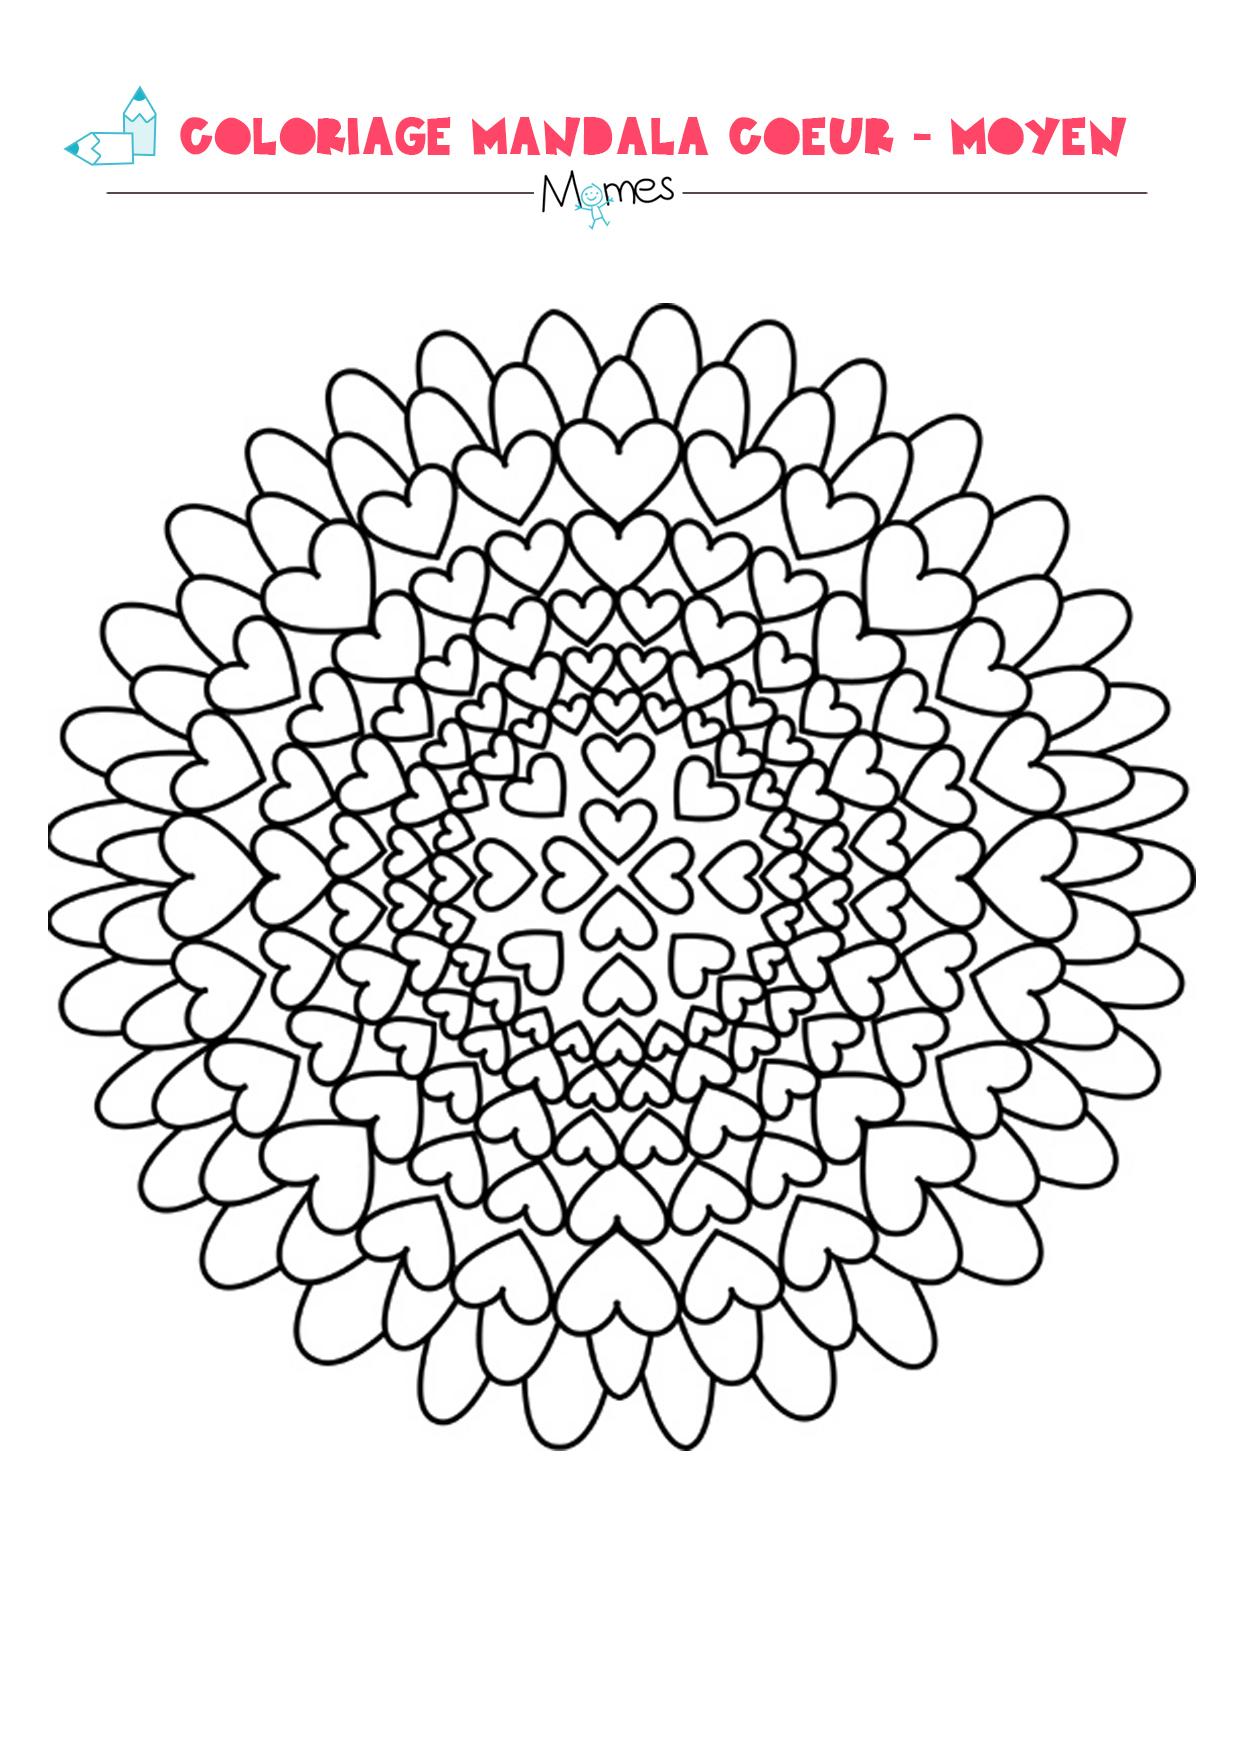 Mandala Coeur À Colorier - Facile - Momes encequiconcerne Mandala Facile À Imprimer